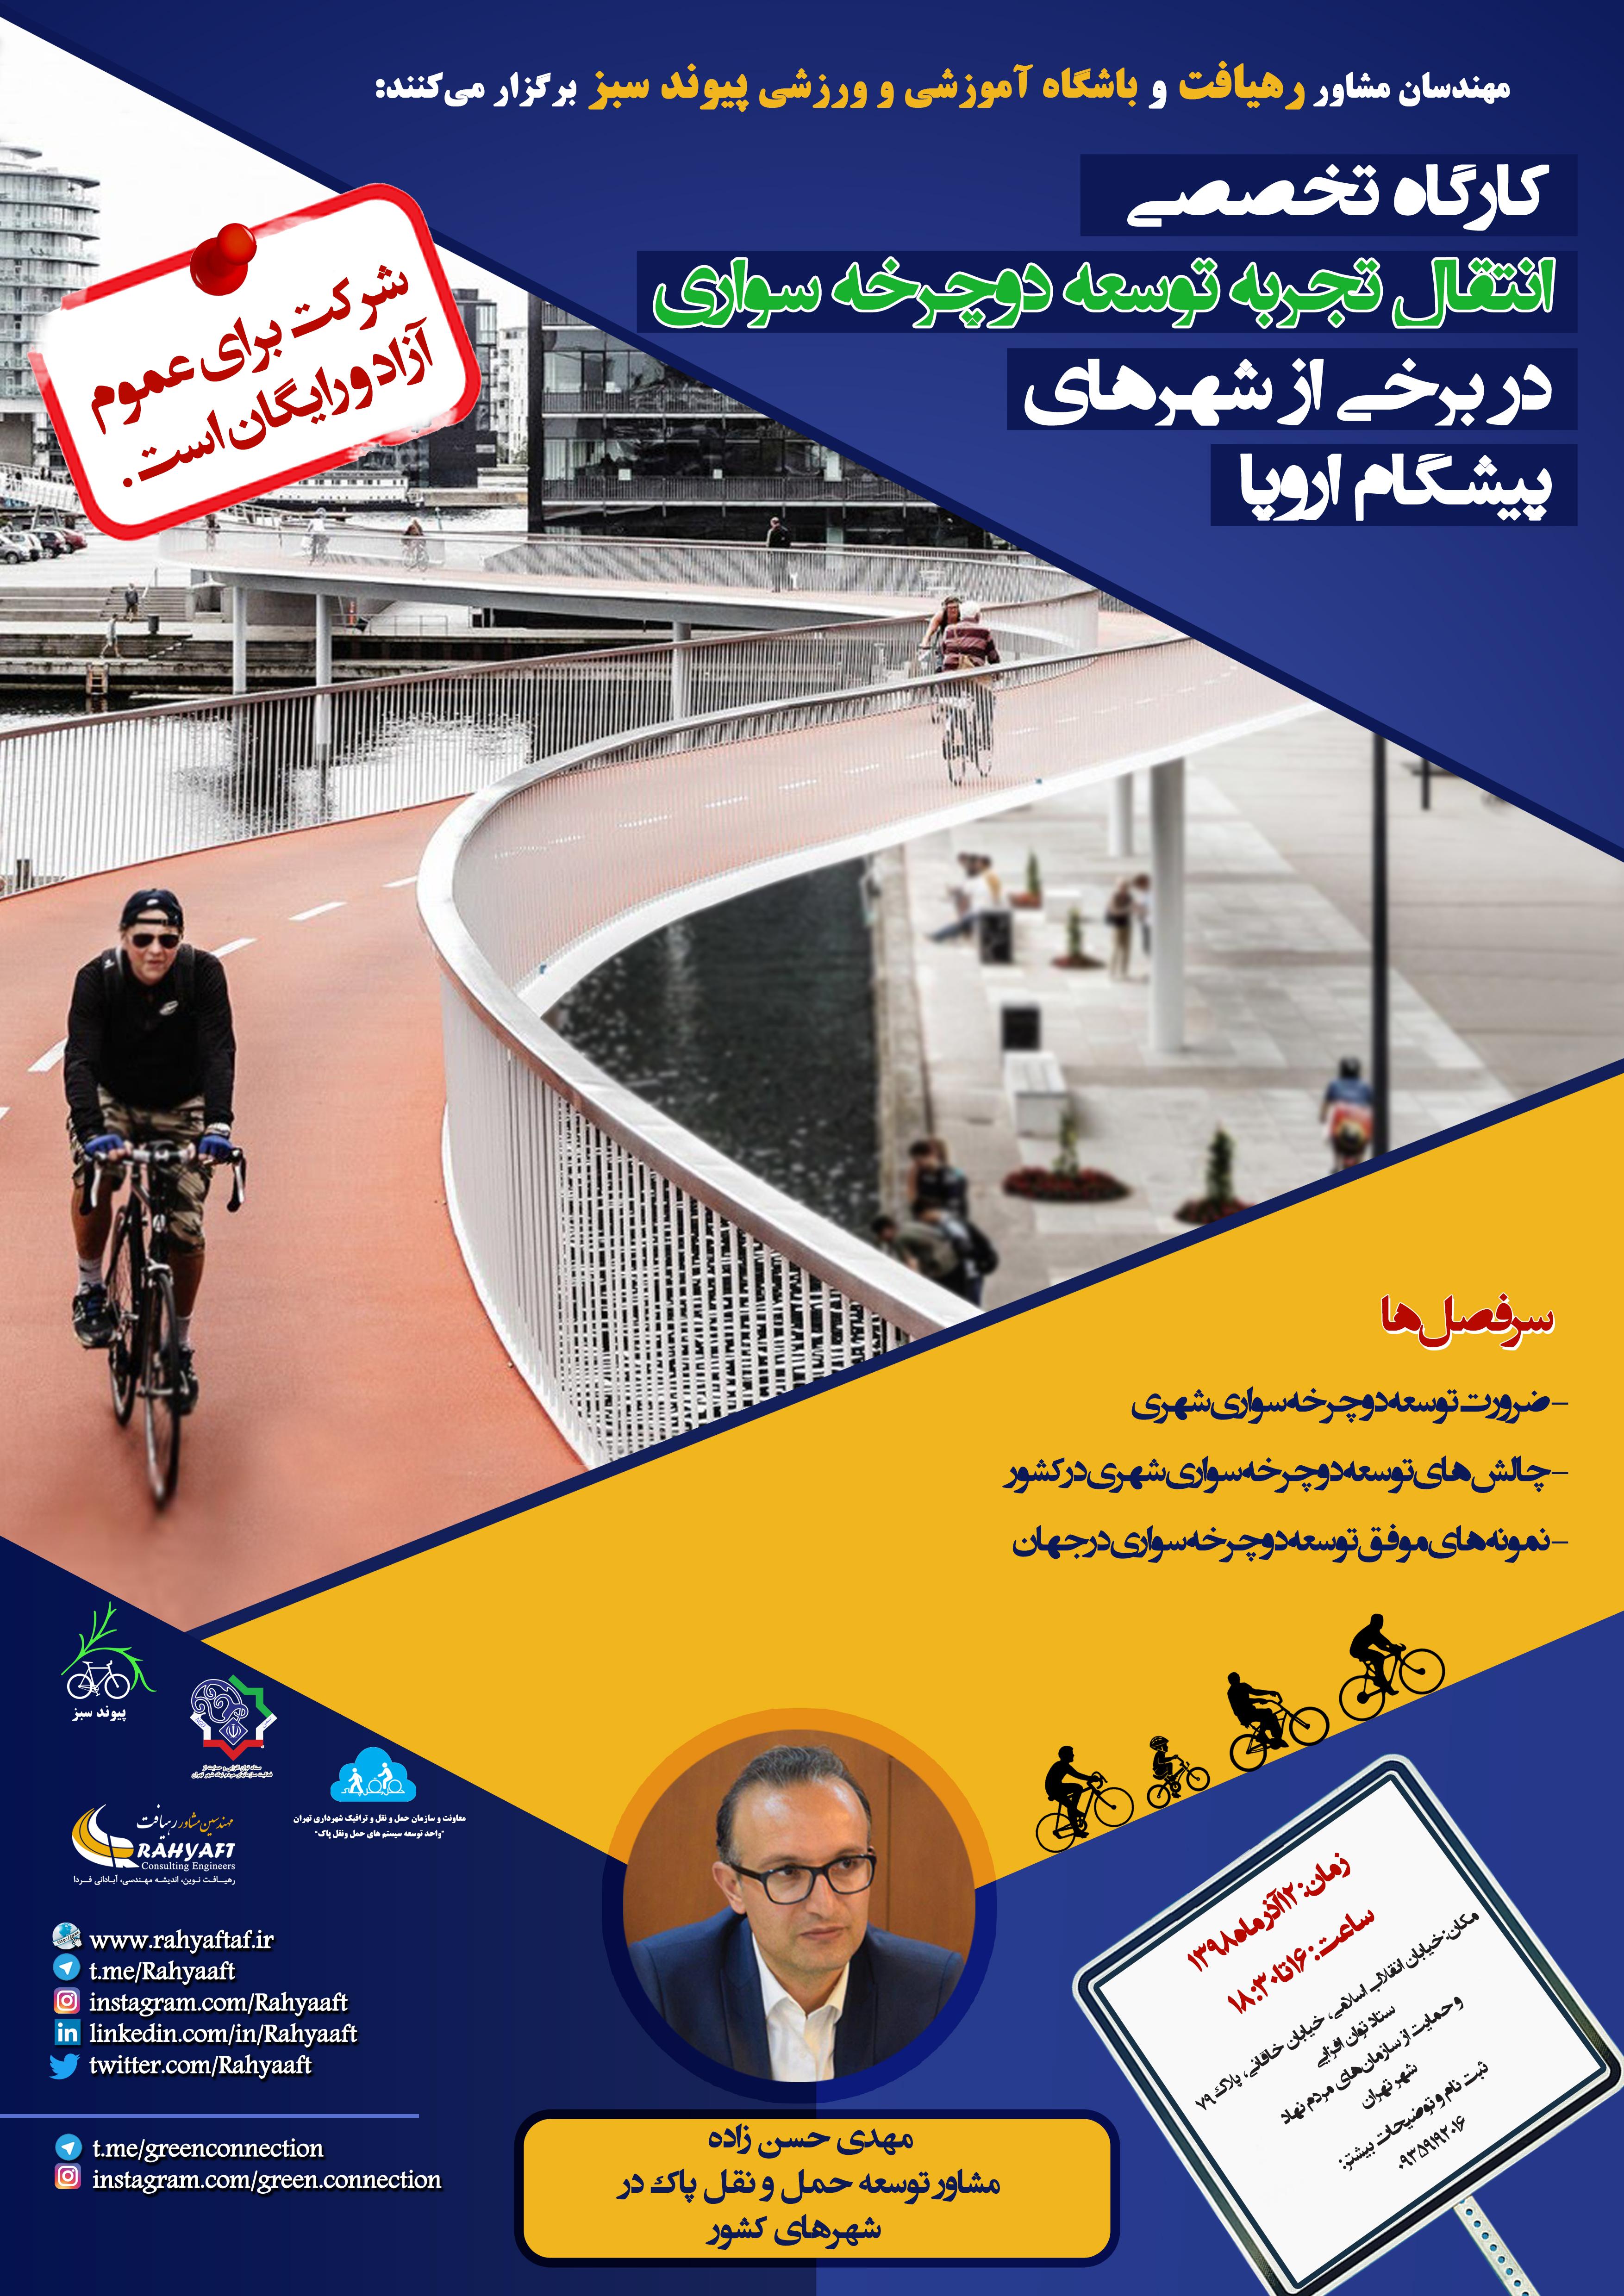 کارگاه تخصصی انتقال تجربه توسعه دوچرخه سواری در برخی شهرهای پیشگام اروپا